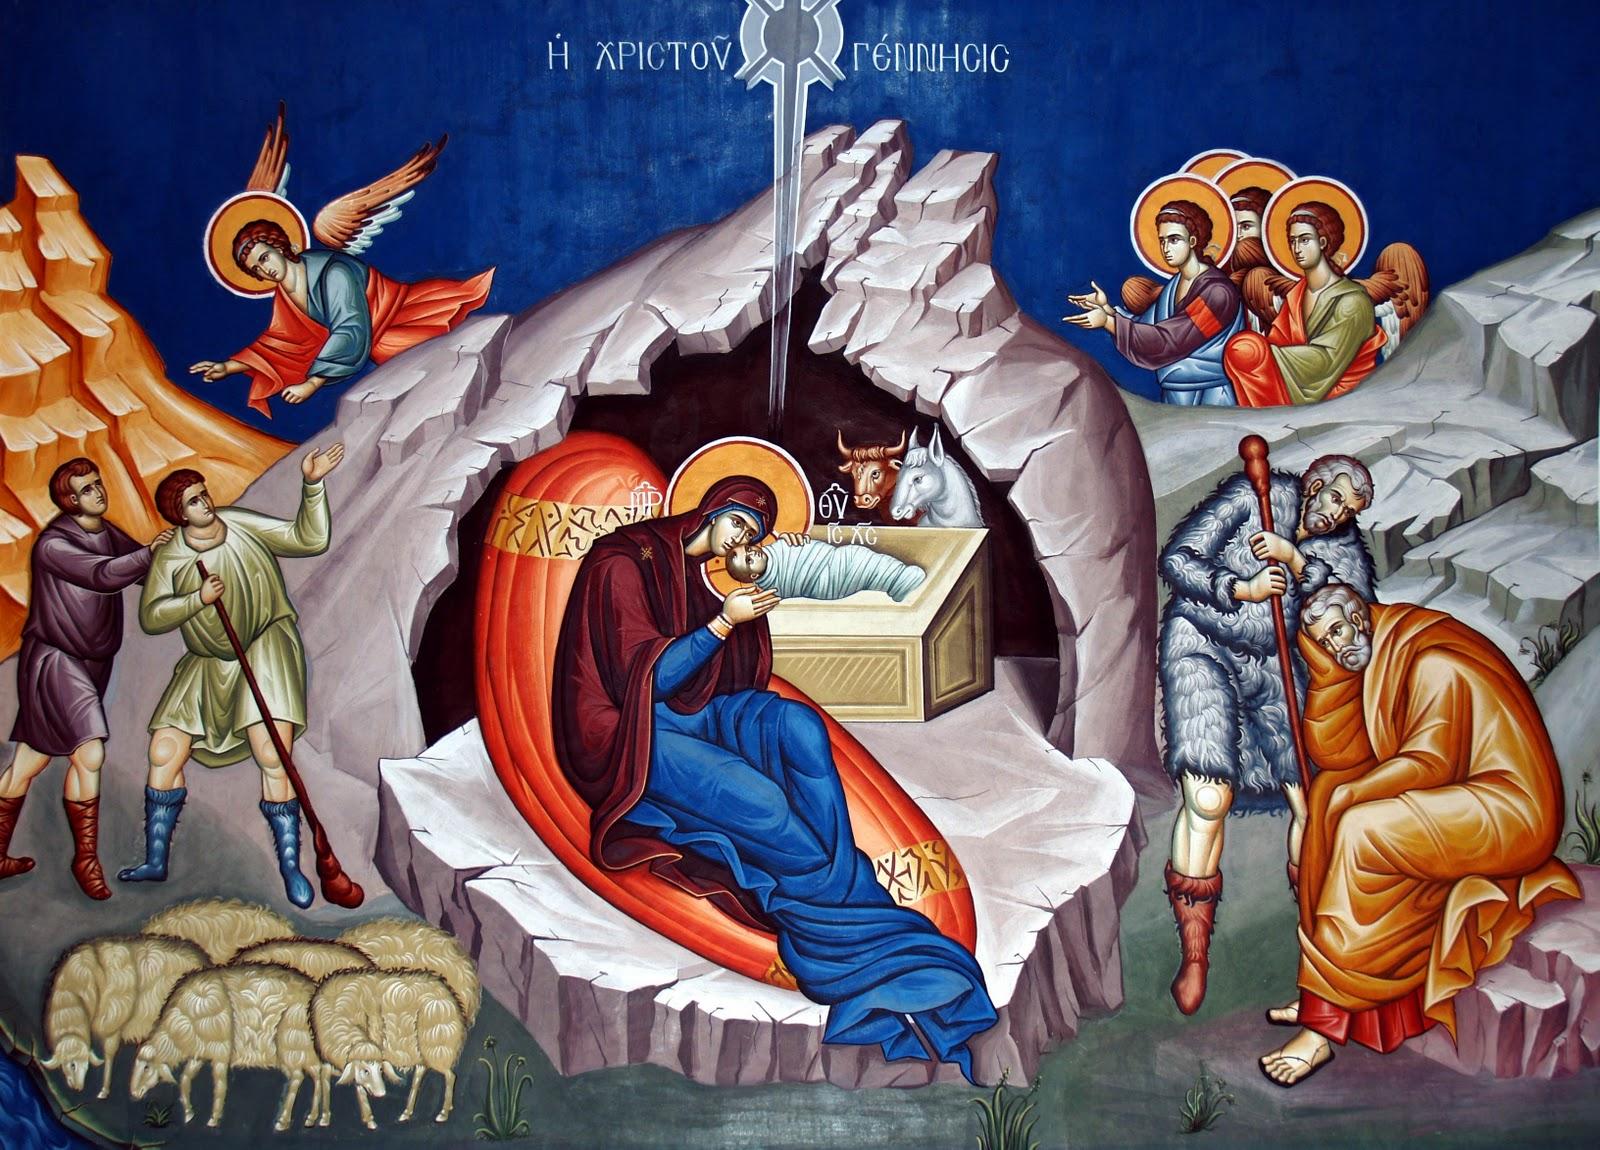 Рождественское послание Святейшего Патриарха Московского и всея Руси Кирилла архипастырям, пастырям, диаконам, монашествующим и всем верным чадам Русской Православной Церкви